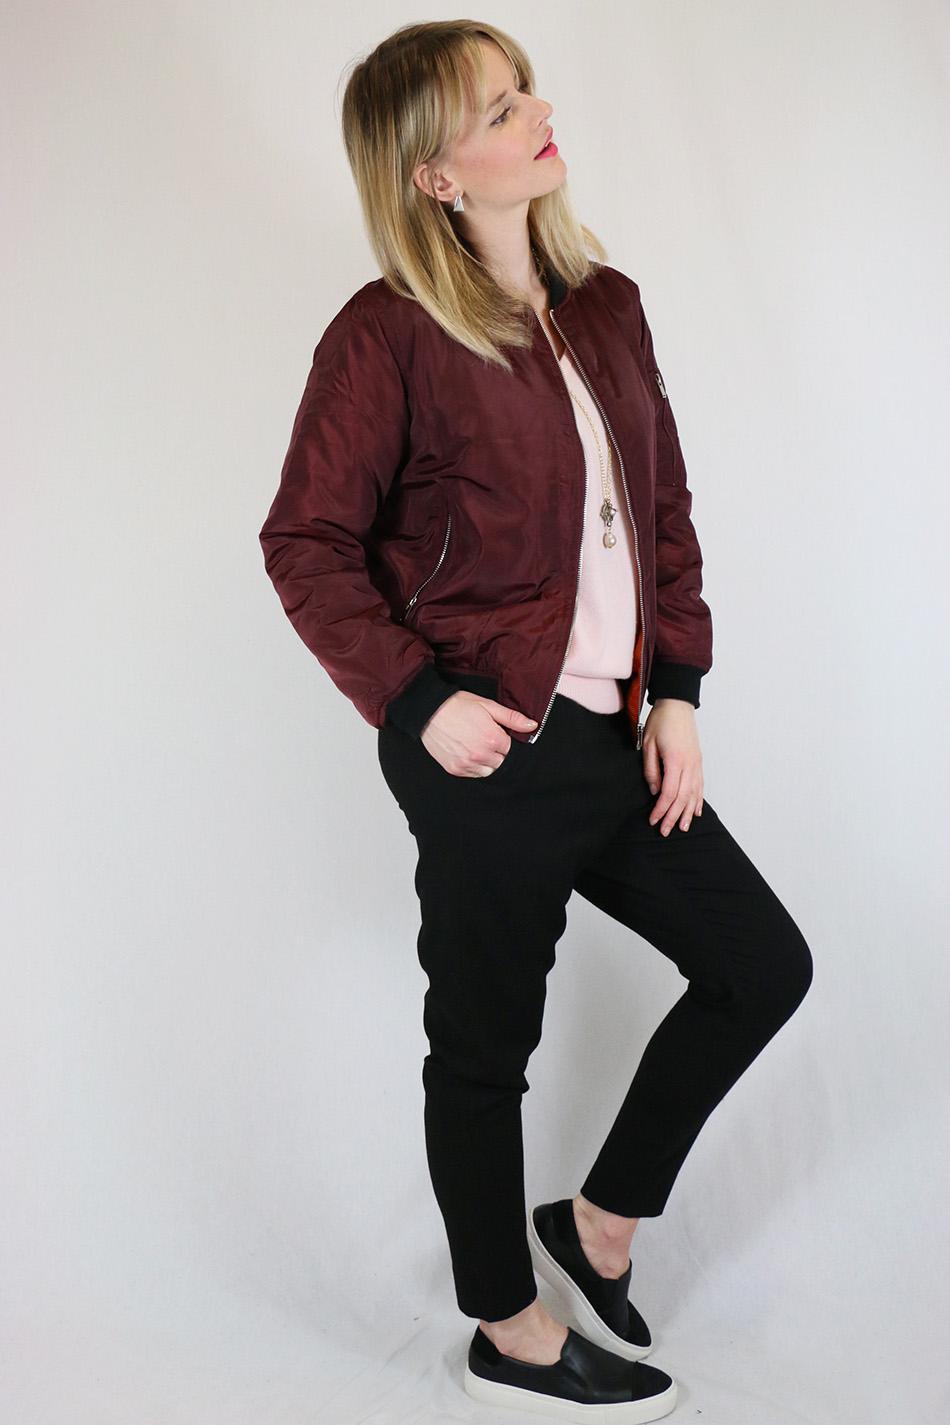 Fringe and Doll Burgundy Bomber jacketIMG_0711